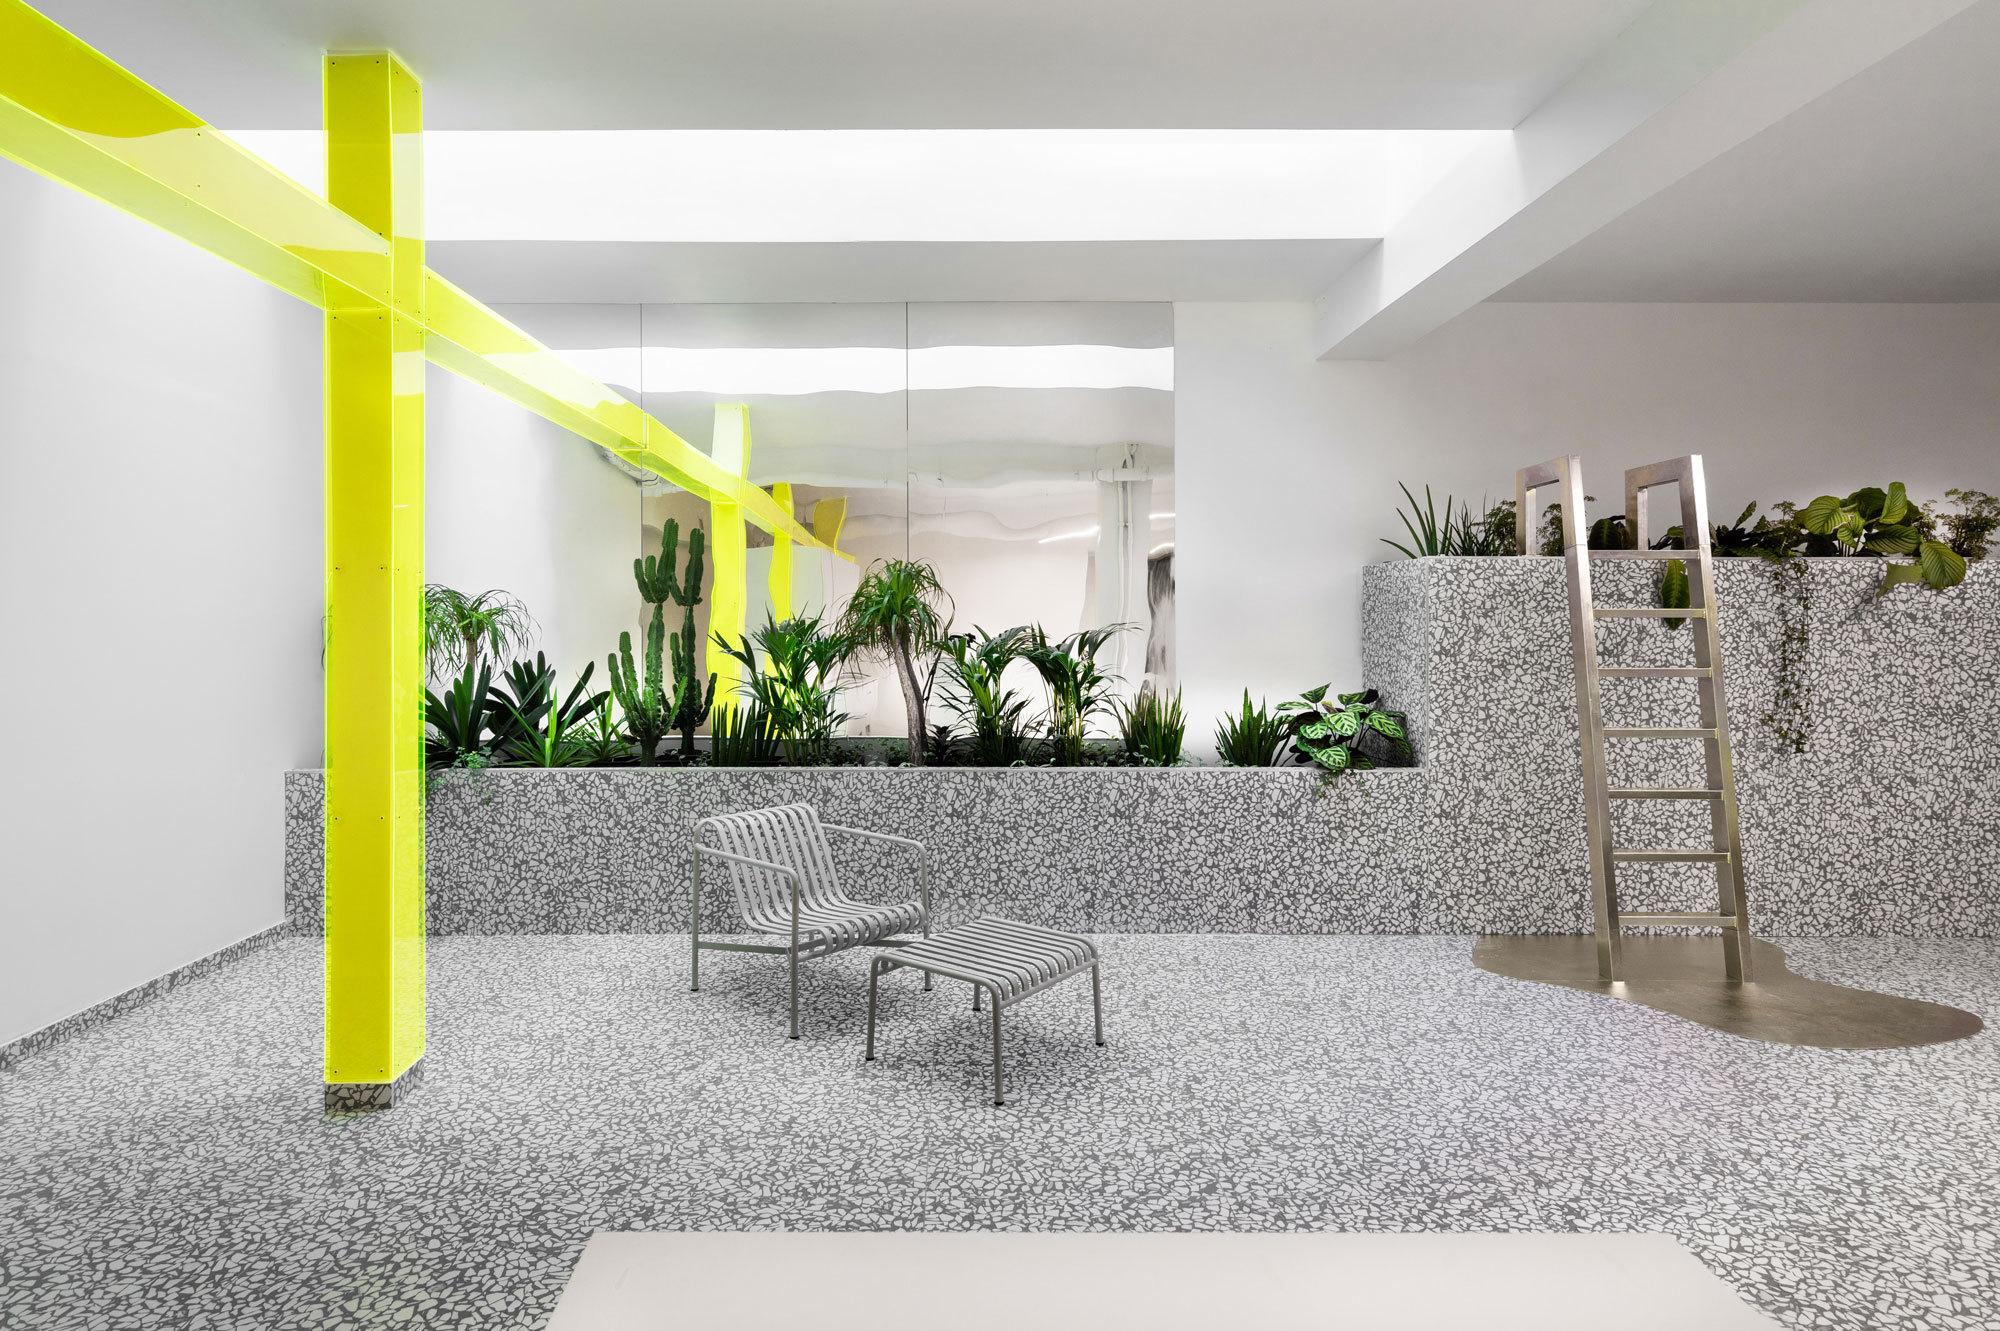 Ungewöhnliche Räume in einem ehemaligen Datenzentrum aus den Siebzigerjahren: Mit ihrem Projekt Le Grand Marais unterstreichen Nastasia Potel und Mylène Vasse, die Gründerinnen von Ubalt Architectes, ihre Vorliebe für unkonventionelle Wohnkonzepte und gewagte Materialkombinationen.